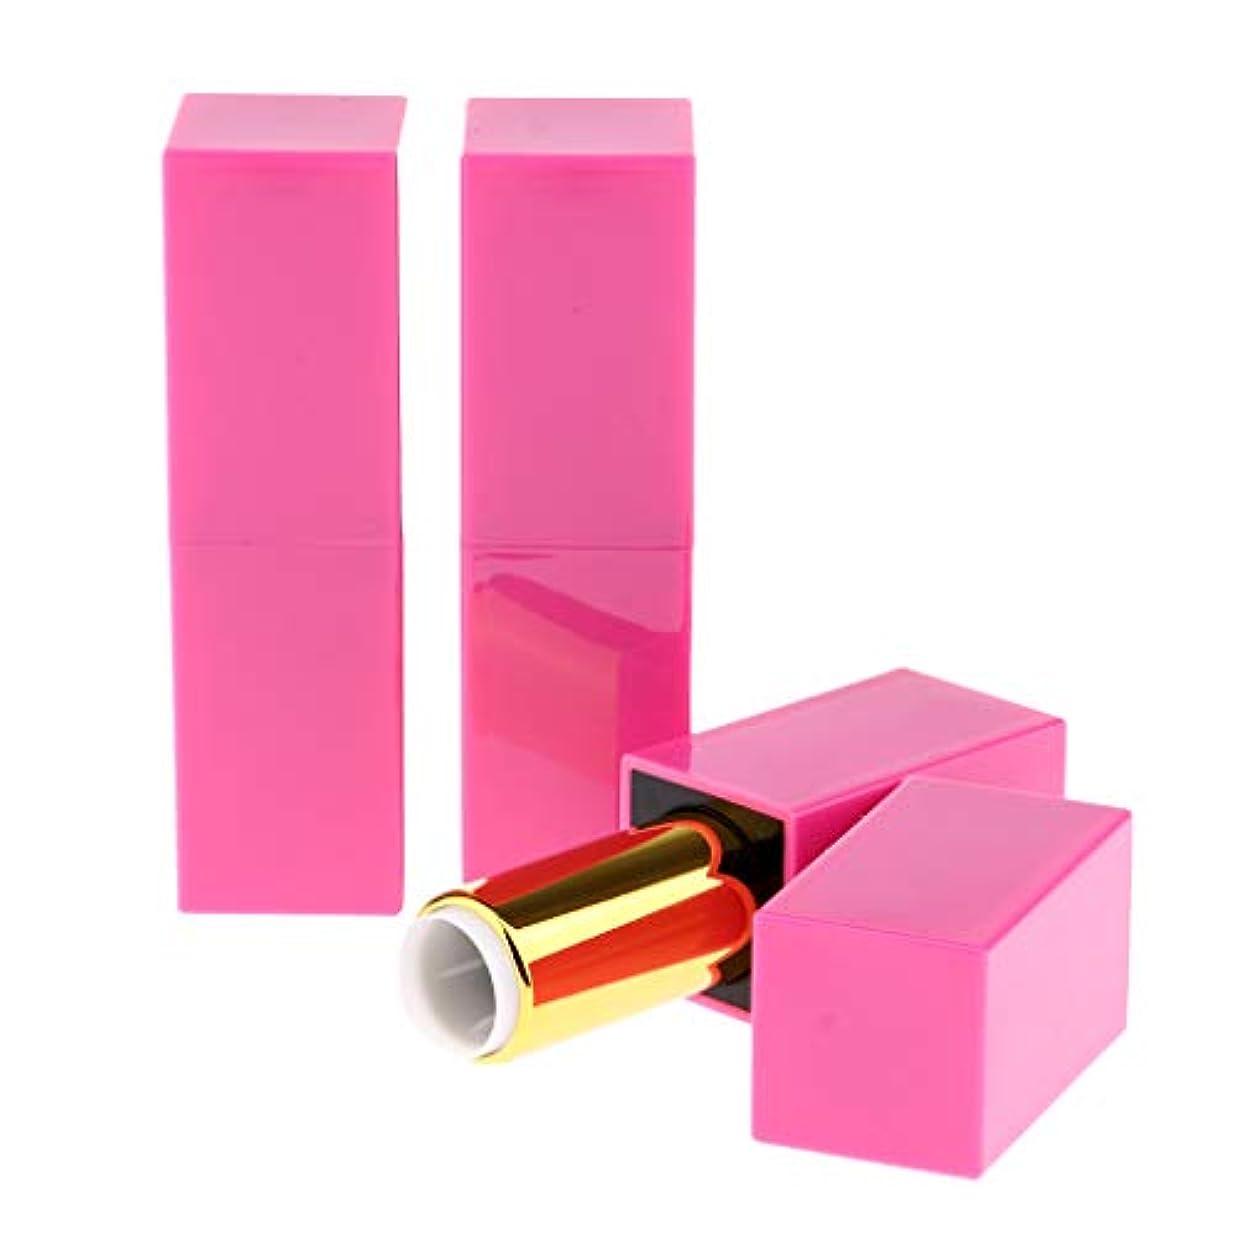 に関してくしゃくしゃ通信するCUTICATE 化粧チューブ 空の口紅チューブ リップグロスチューブ リップグロス容器 12.1mm 3本パック